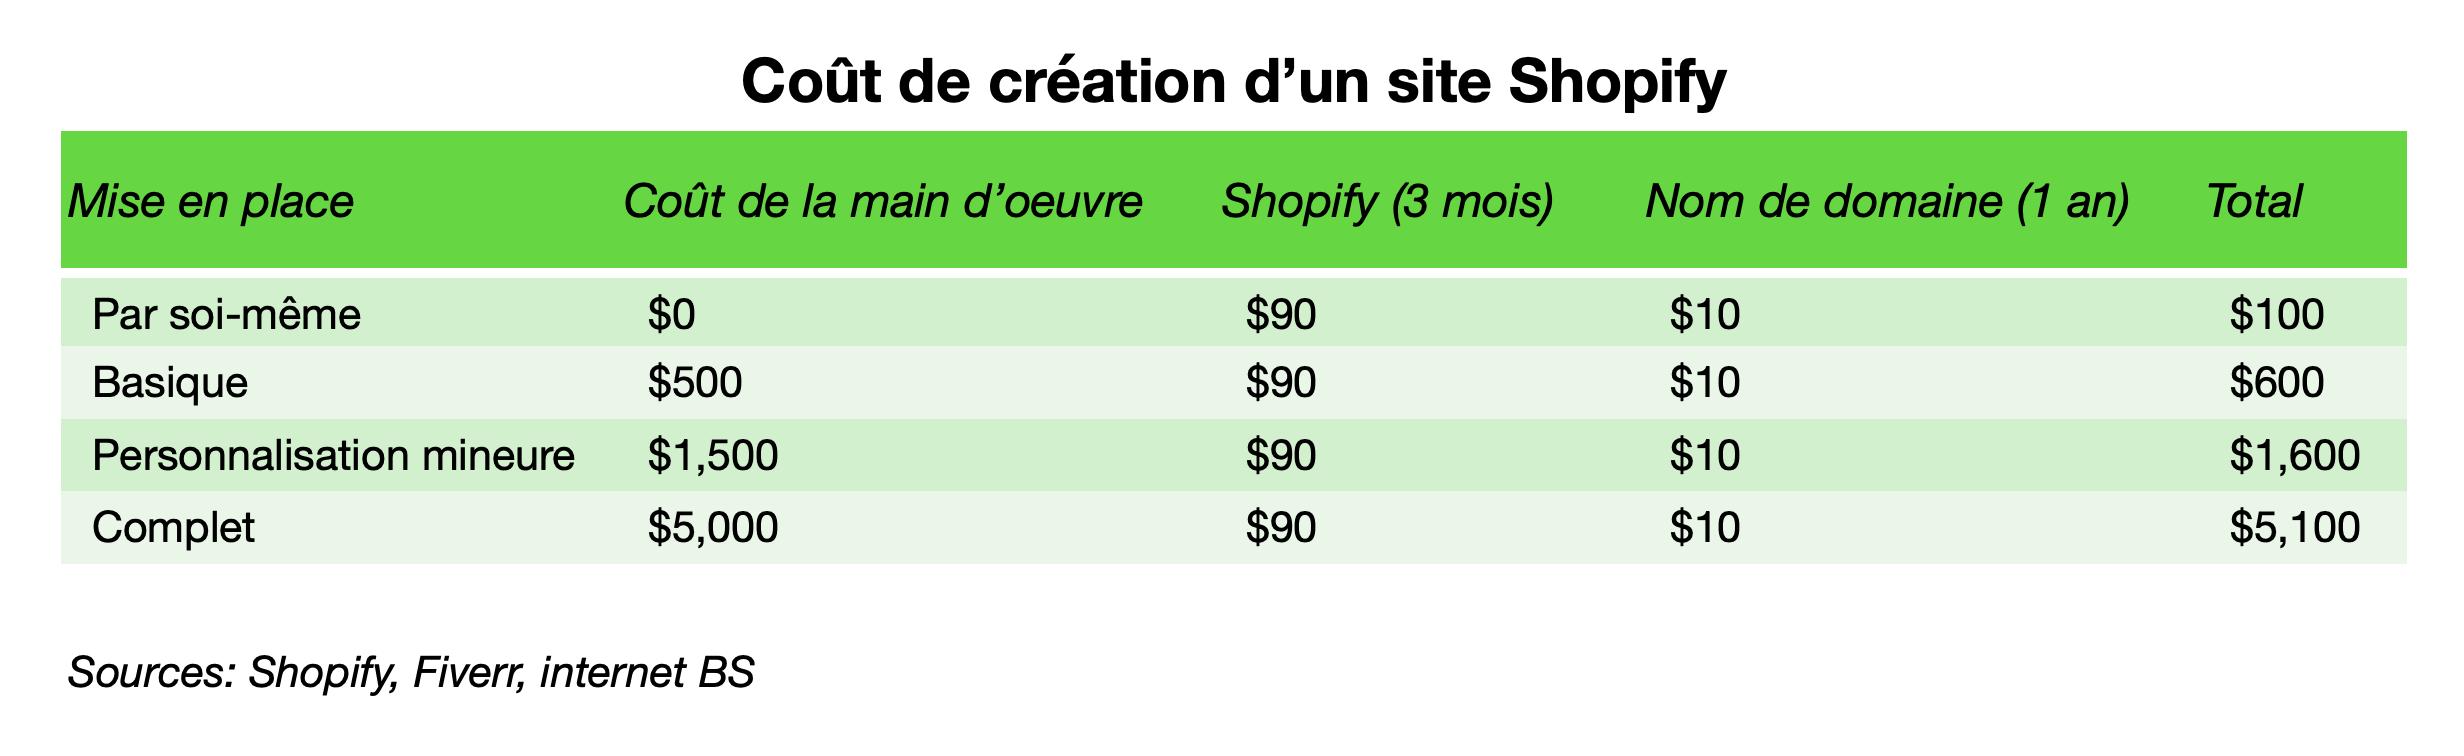 Coût de création d'un site Shopify